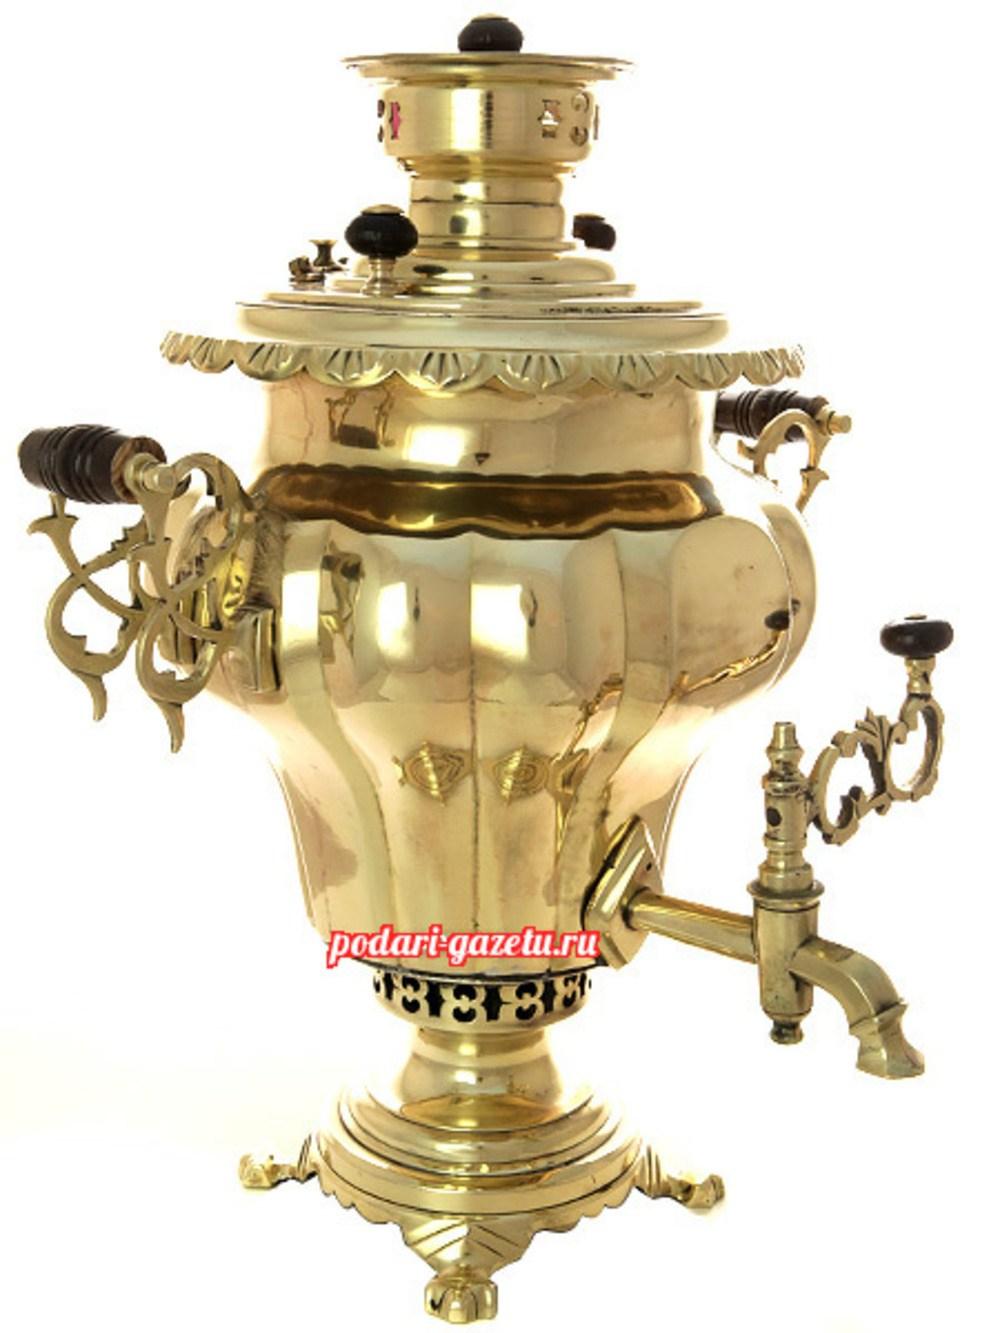 Угольный самовар (жаровой, дровяной) (7 литров) желтый груша с витыми ручками